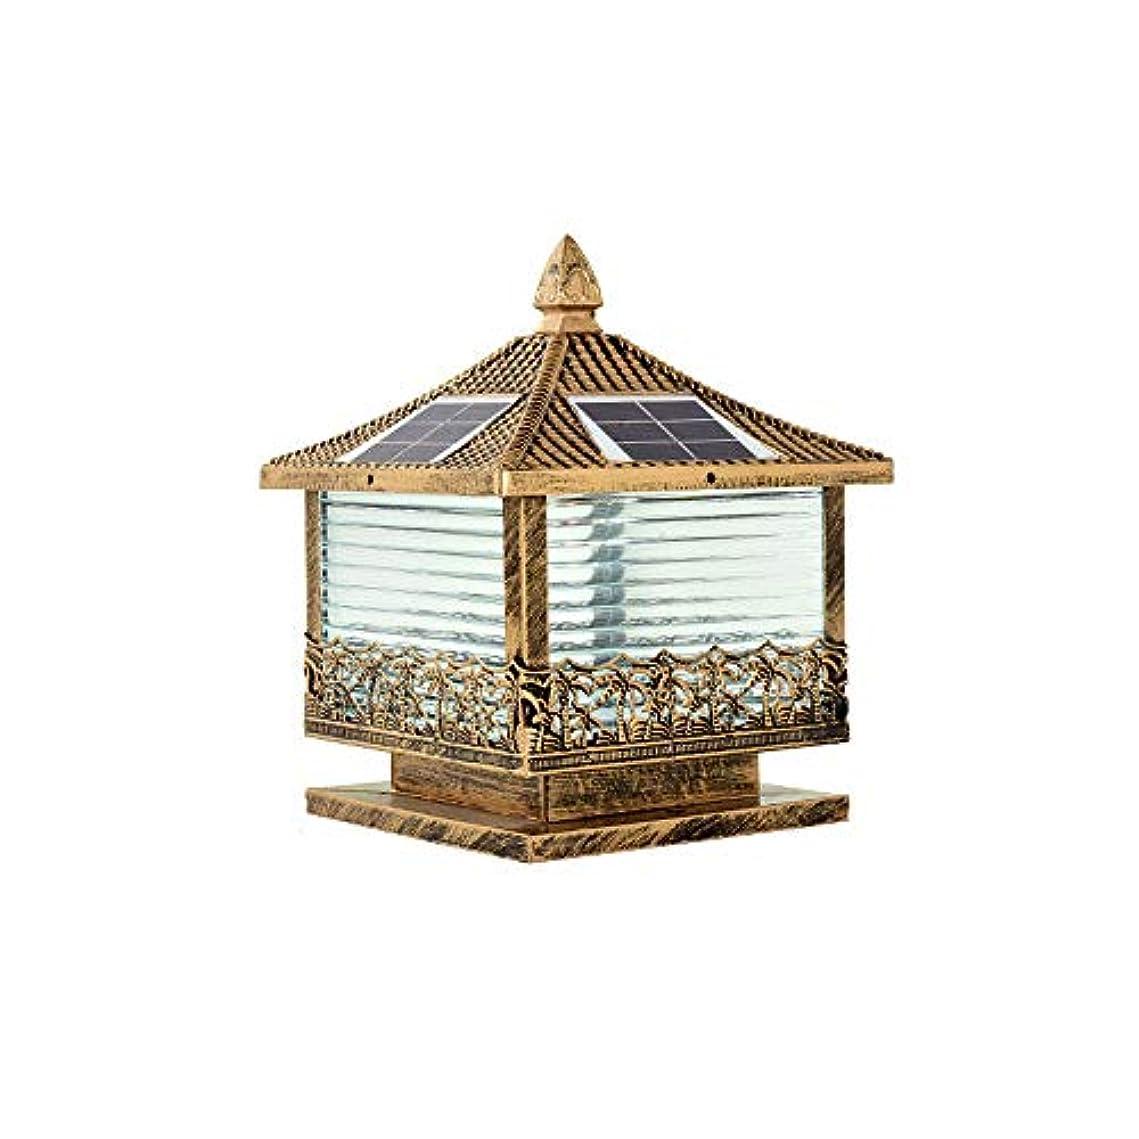 すばらしいです関係ない曲がったPinjeer 3色のディミングは防水ソーラー屋外の列のライトを導いたビンテージ工業のアルミニウムのガラスの柱のライト庭の中庭のヴィラの家の装飾的な柱のランプ (Color : Brass, サイズ : S)